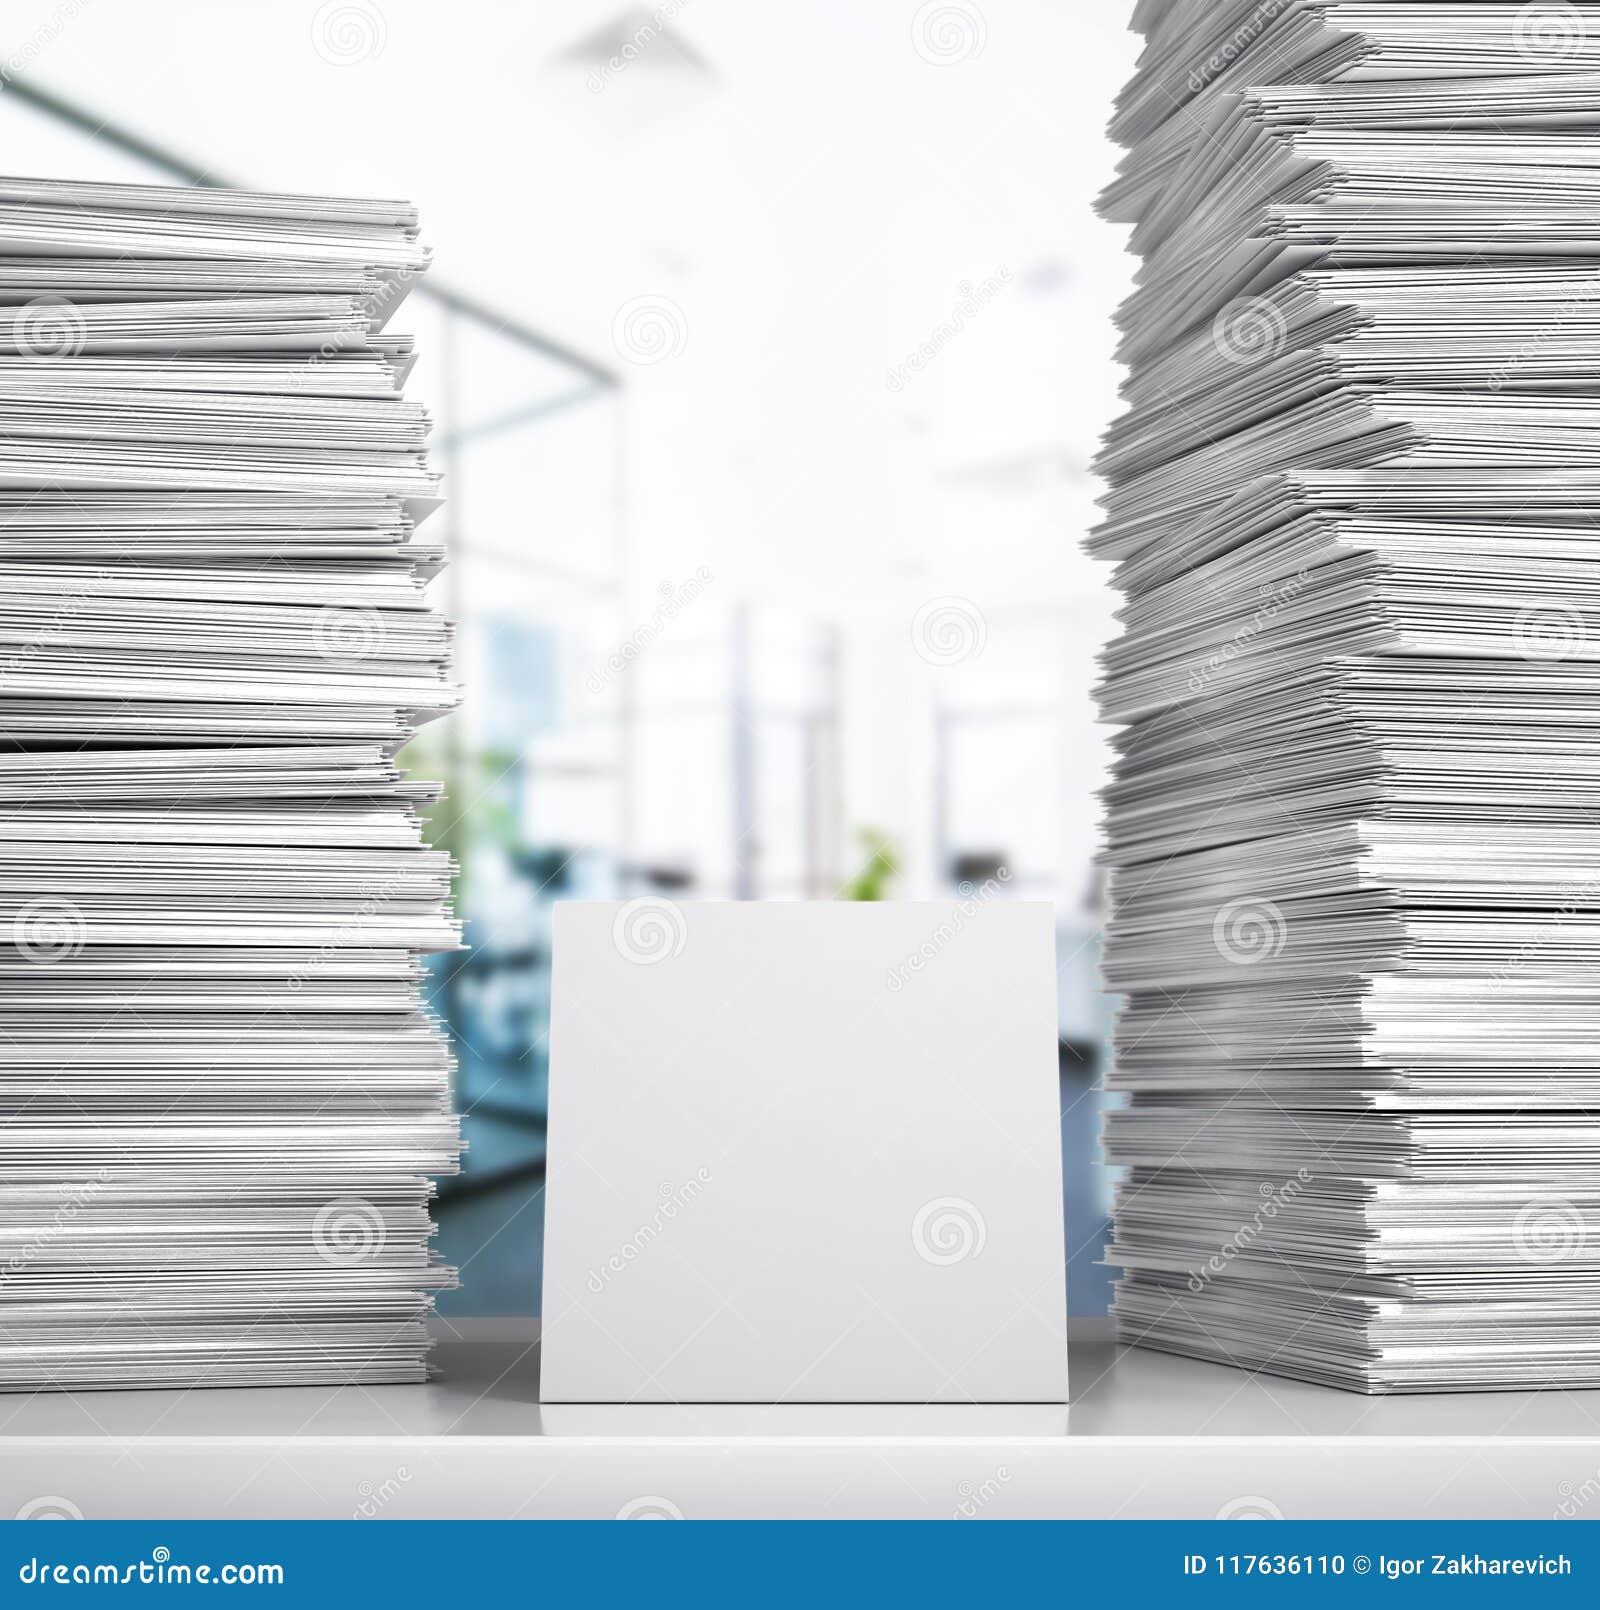 Documentation Une pile de livres blancs se trouvent sur un bureau dans une salle de bureau